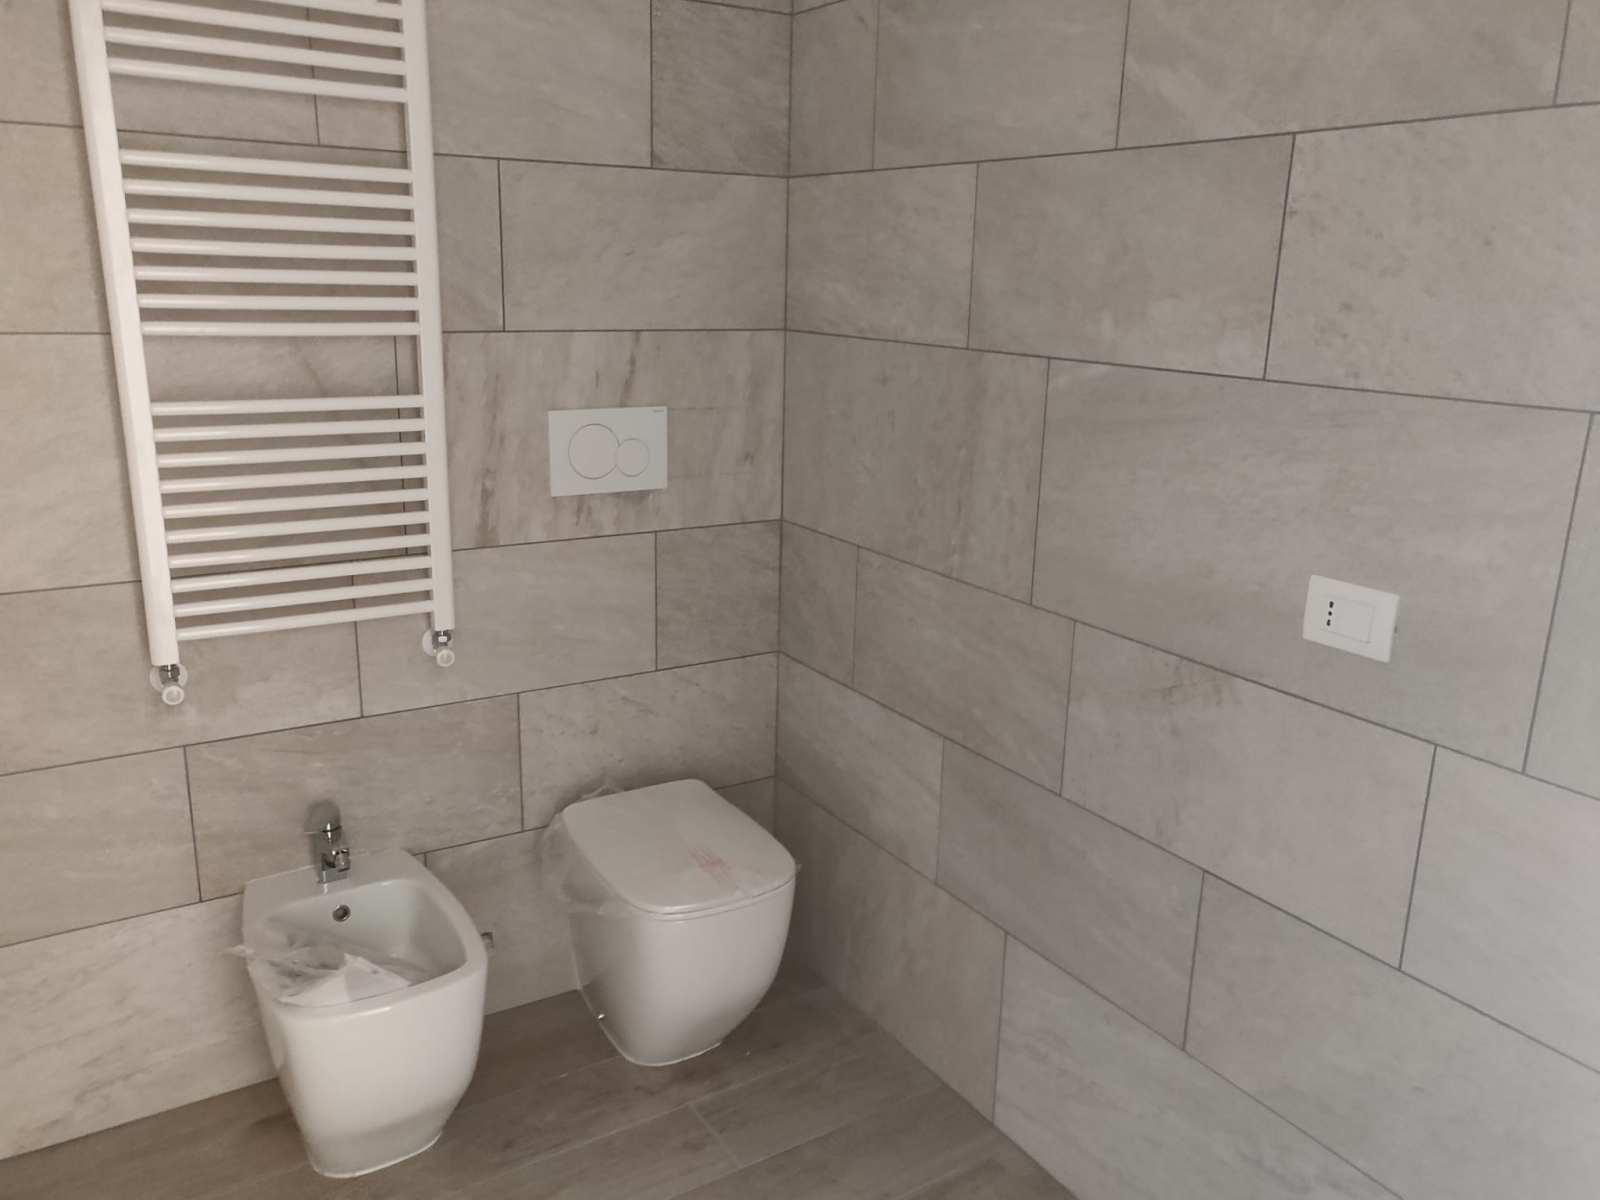 appartamento-in-vendita-baggio-milano-spaziourbano-immobiliare-vende-2-locali-bilocale-8